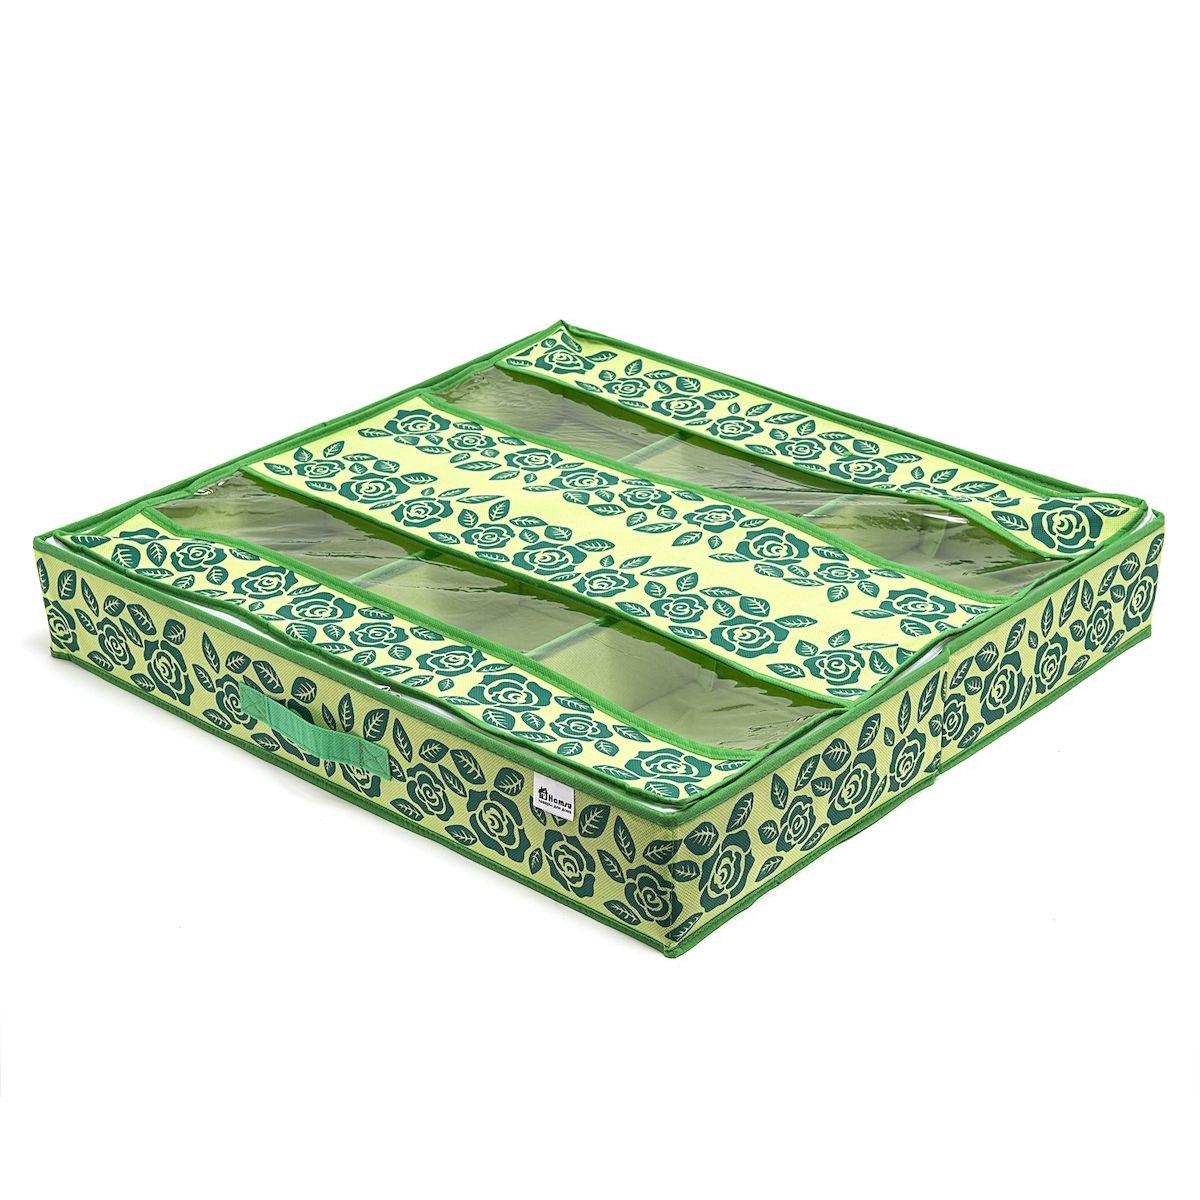 Органайзер для обуви Homsu Green Flower, 66 х 63 х 11 смHOM-382Органайзер для обуви Homsu Green Flower изготовлен из 100% полиэстера. Экономичная замена пластиковым пакетам и громоздким коробкам. Органайзер закрывается на молнию. Имеется ручка для удобной переноски. Внутри органайзер разделен на 6 отделений для обуви. Внутренние секции можно моделировать под размеры обуви, например высокие сапоги. Органайзер плоский, удобно хранить под кроватью или диваном. Размер: 66 х 63 х 11 см.